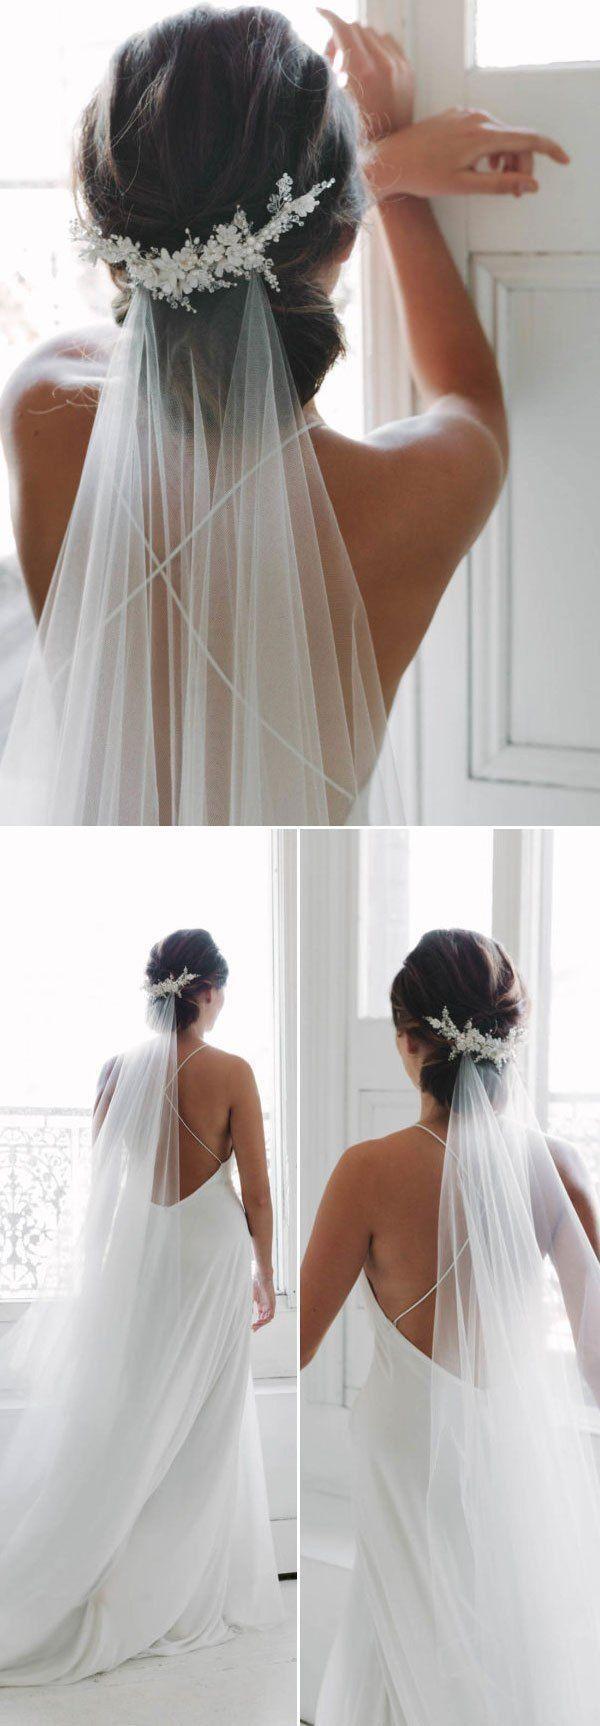 Top 20 Hochzeitsfrisuren mit Schleier und Accessoires #Frisuren #Wedding # Kleid